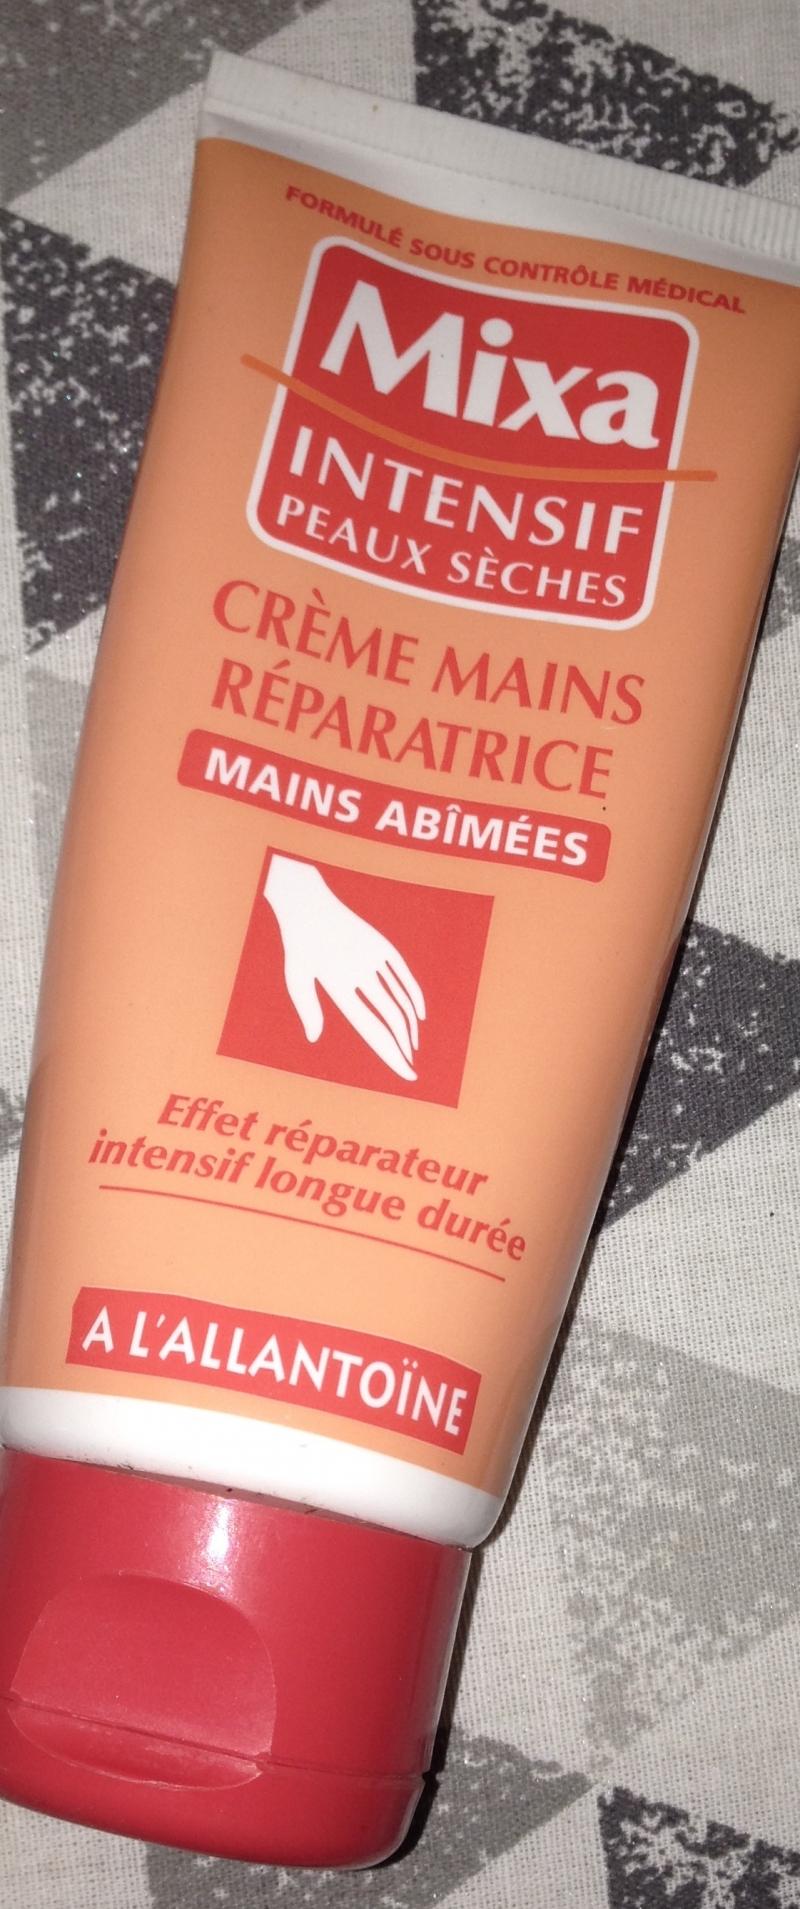 Swatch Crème mains réparatrices (mains abimées), Mixa